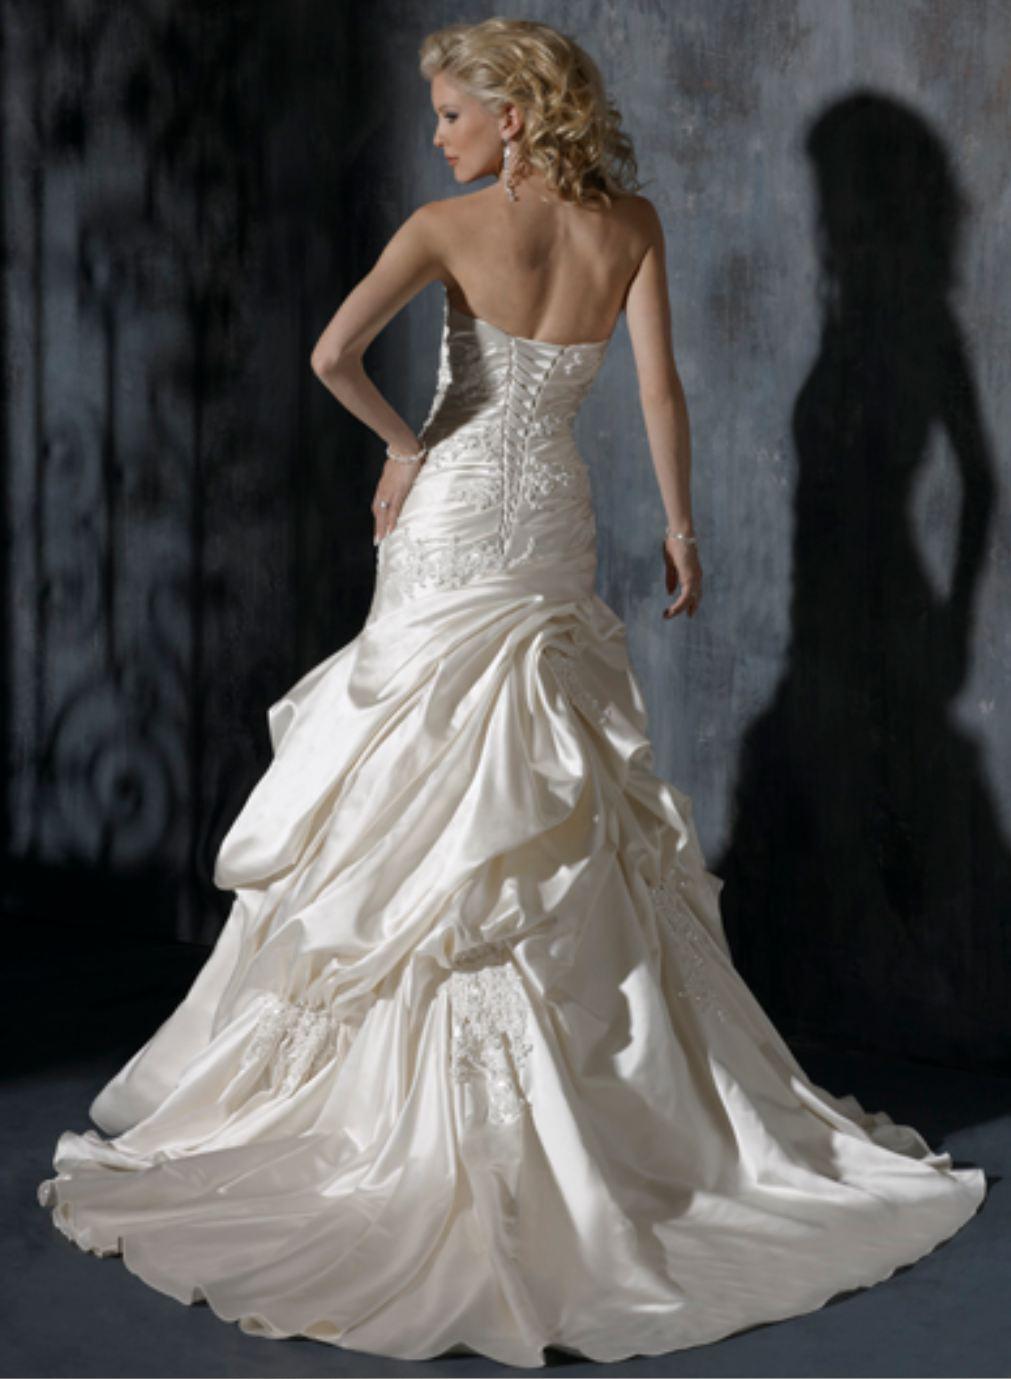 Výpredaj svadobných šiat! - Farba: diamond white, veľkosť 34-38